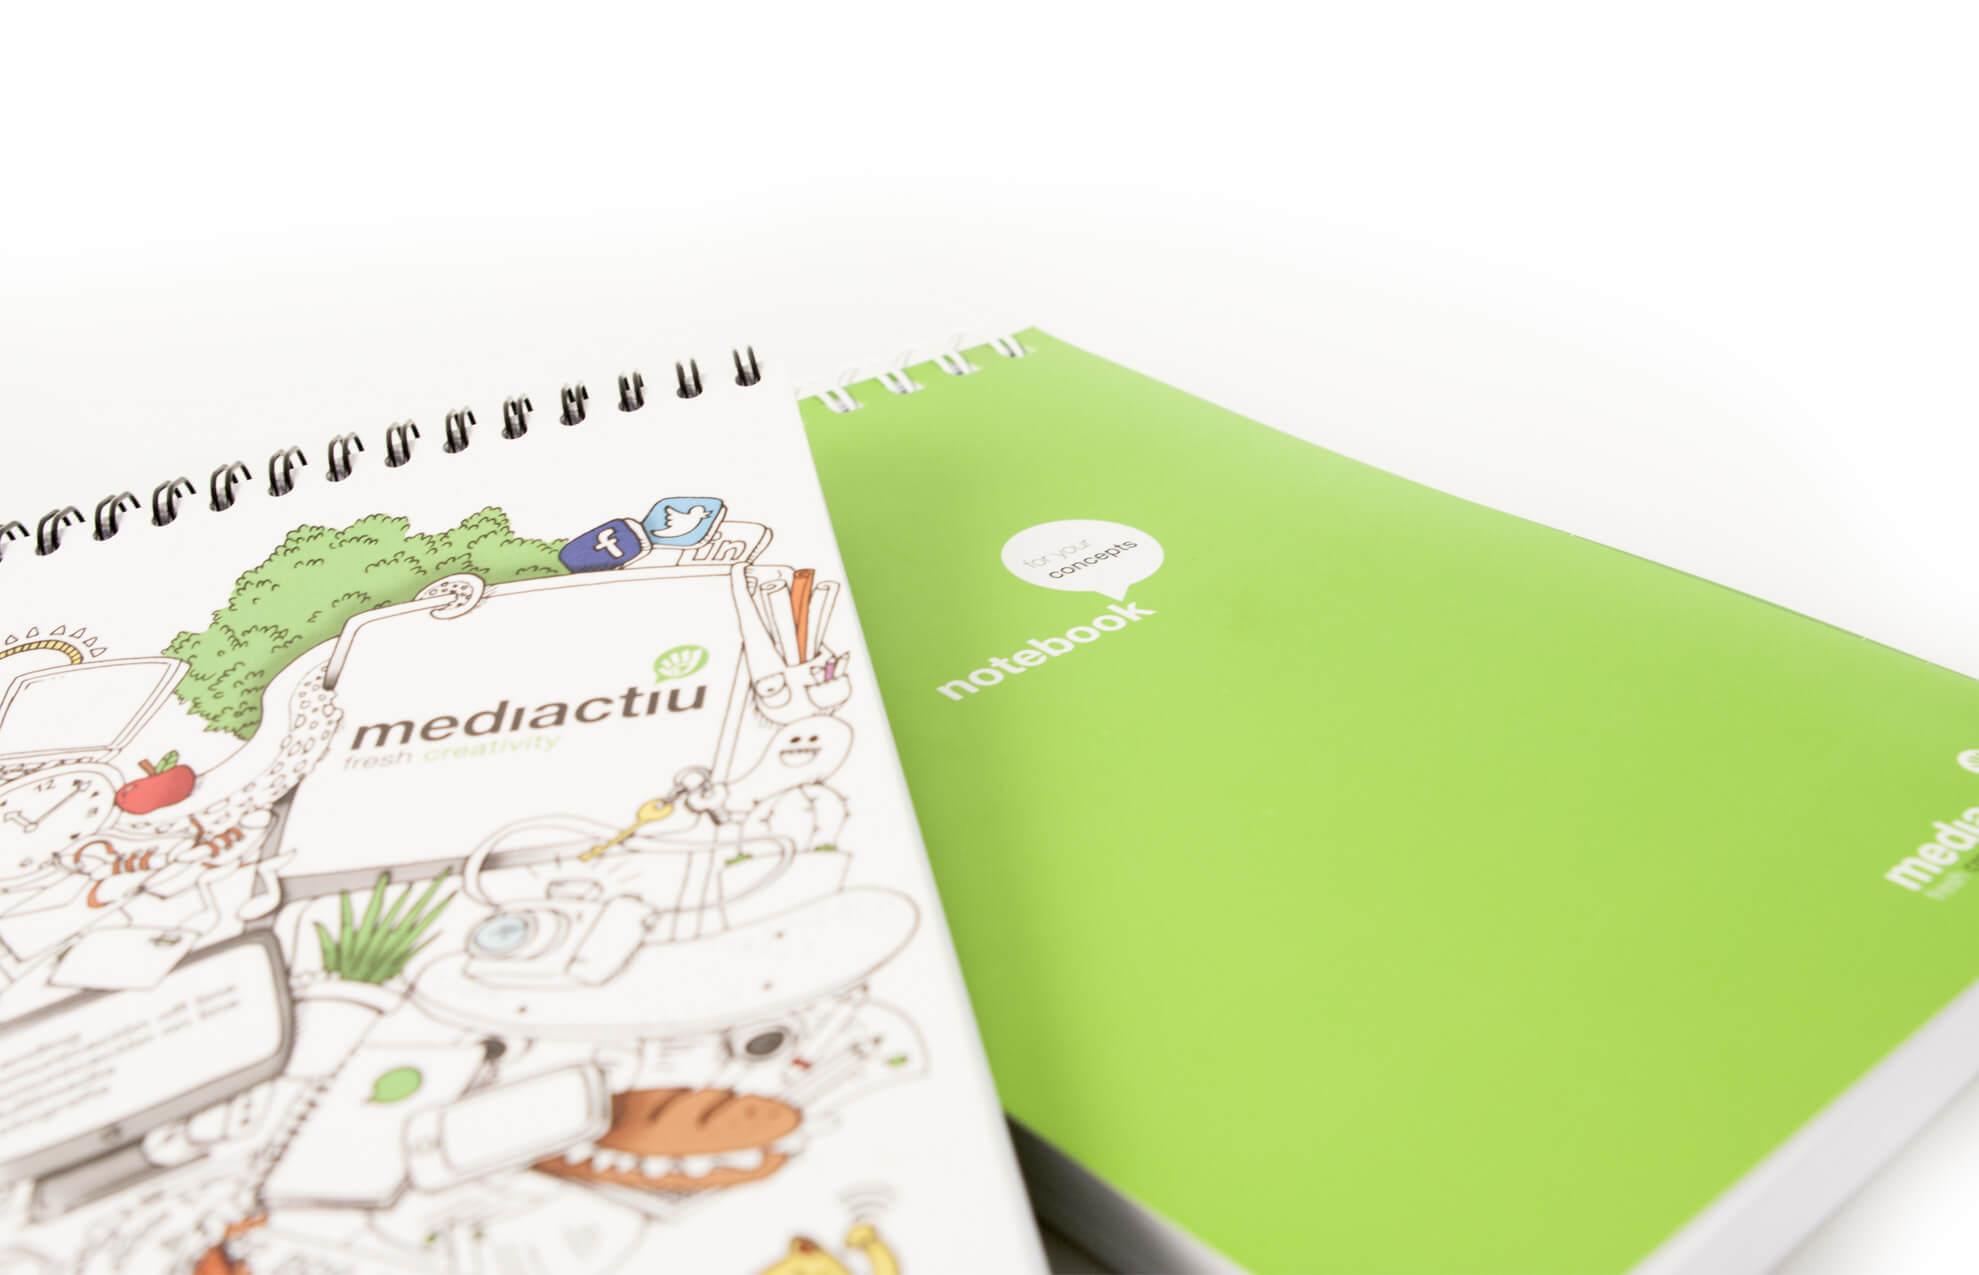 Libreta mediactiu ilustracion 4 - Ilustración. Merchandising